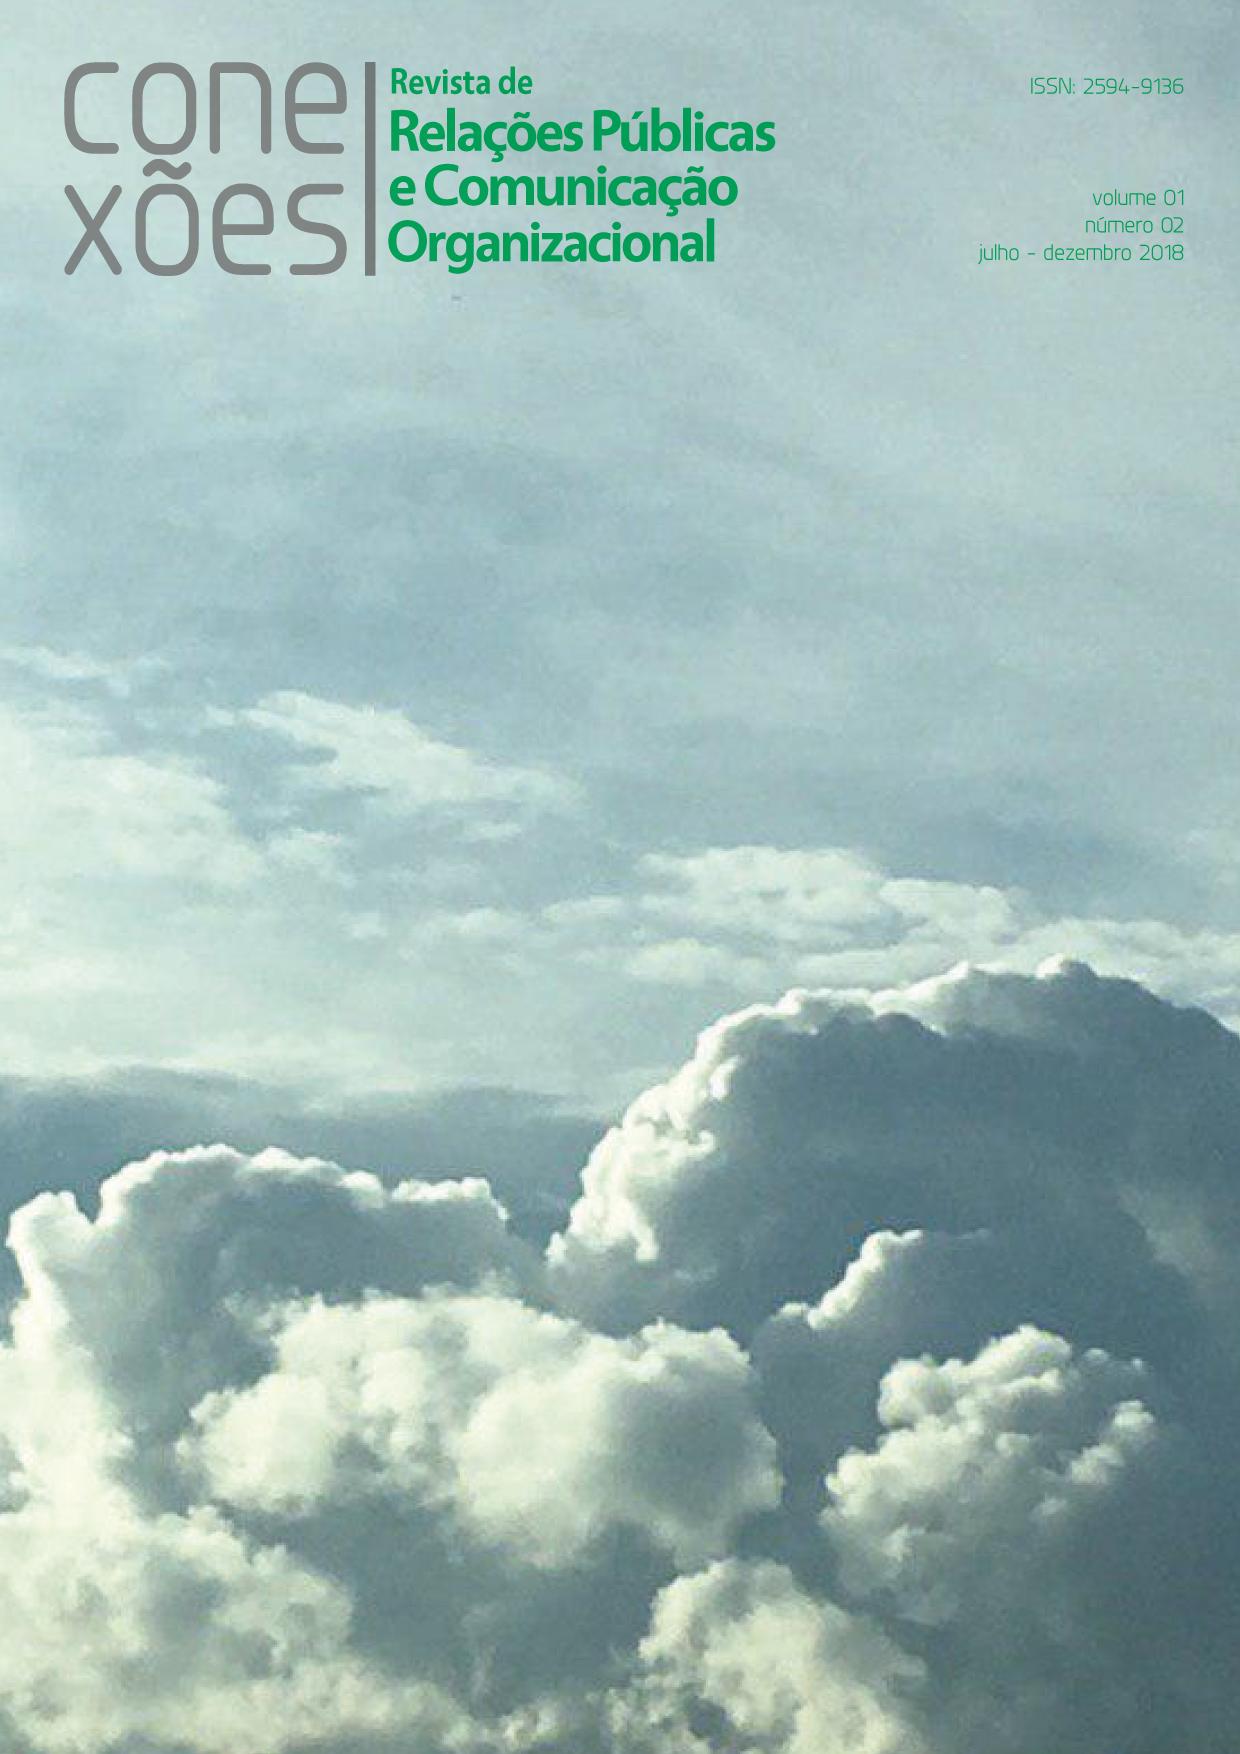 na parte superior da capa contem nome da revista e dados da edição. o fundo da capa é um lindo céu em forma de pintura com nuvens plenas como um delicioso algodão doce.